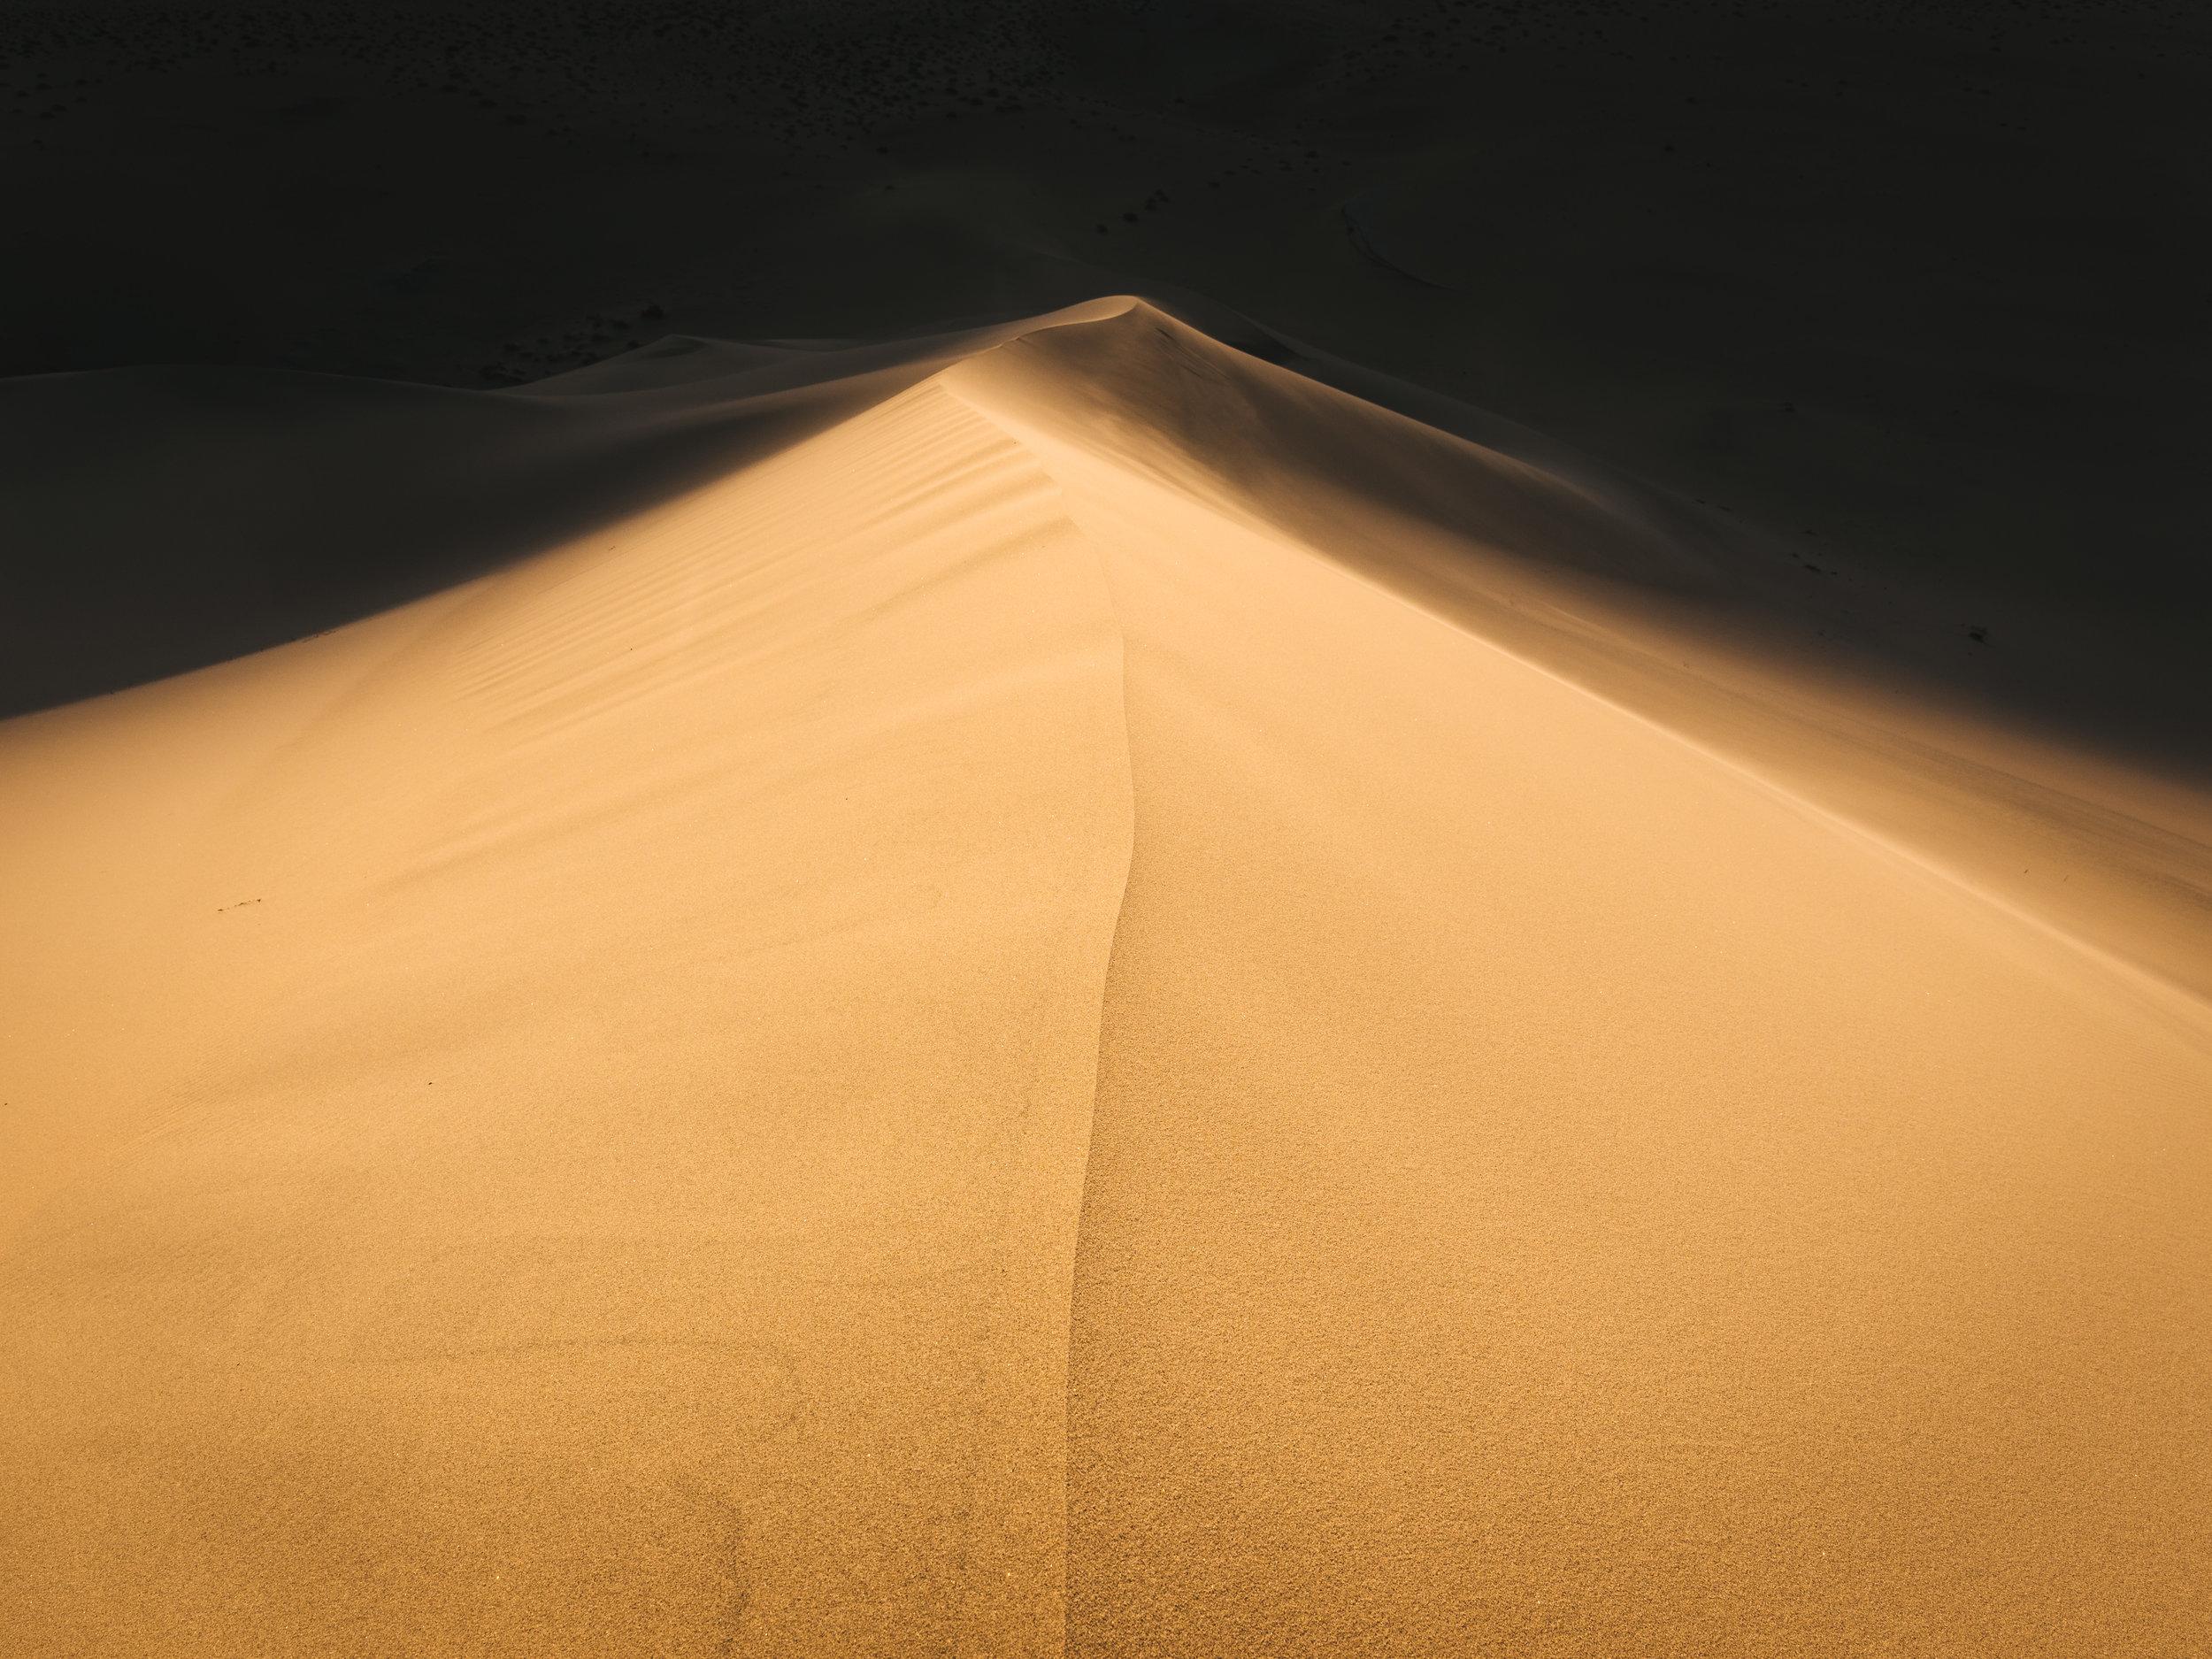 DeathValley_Dune1.jpg